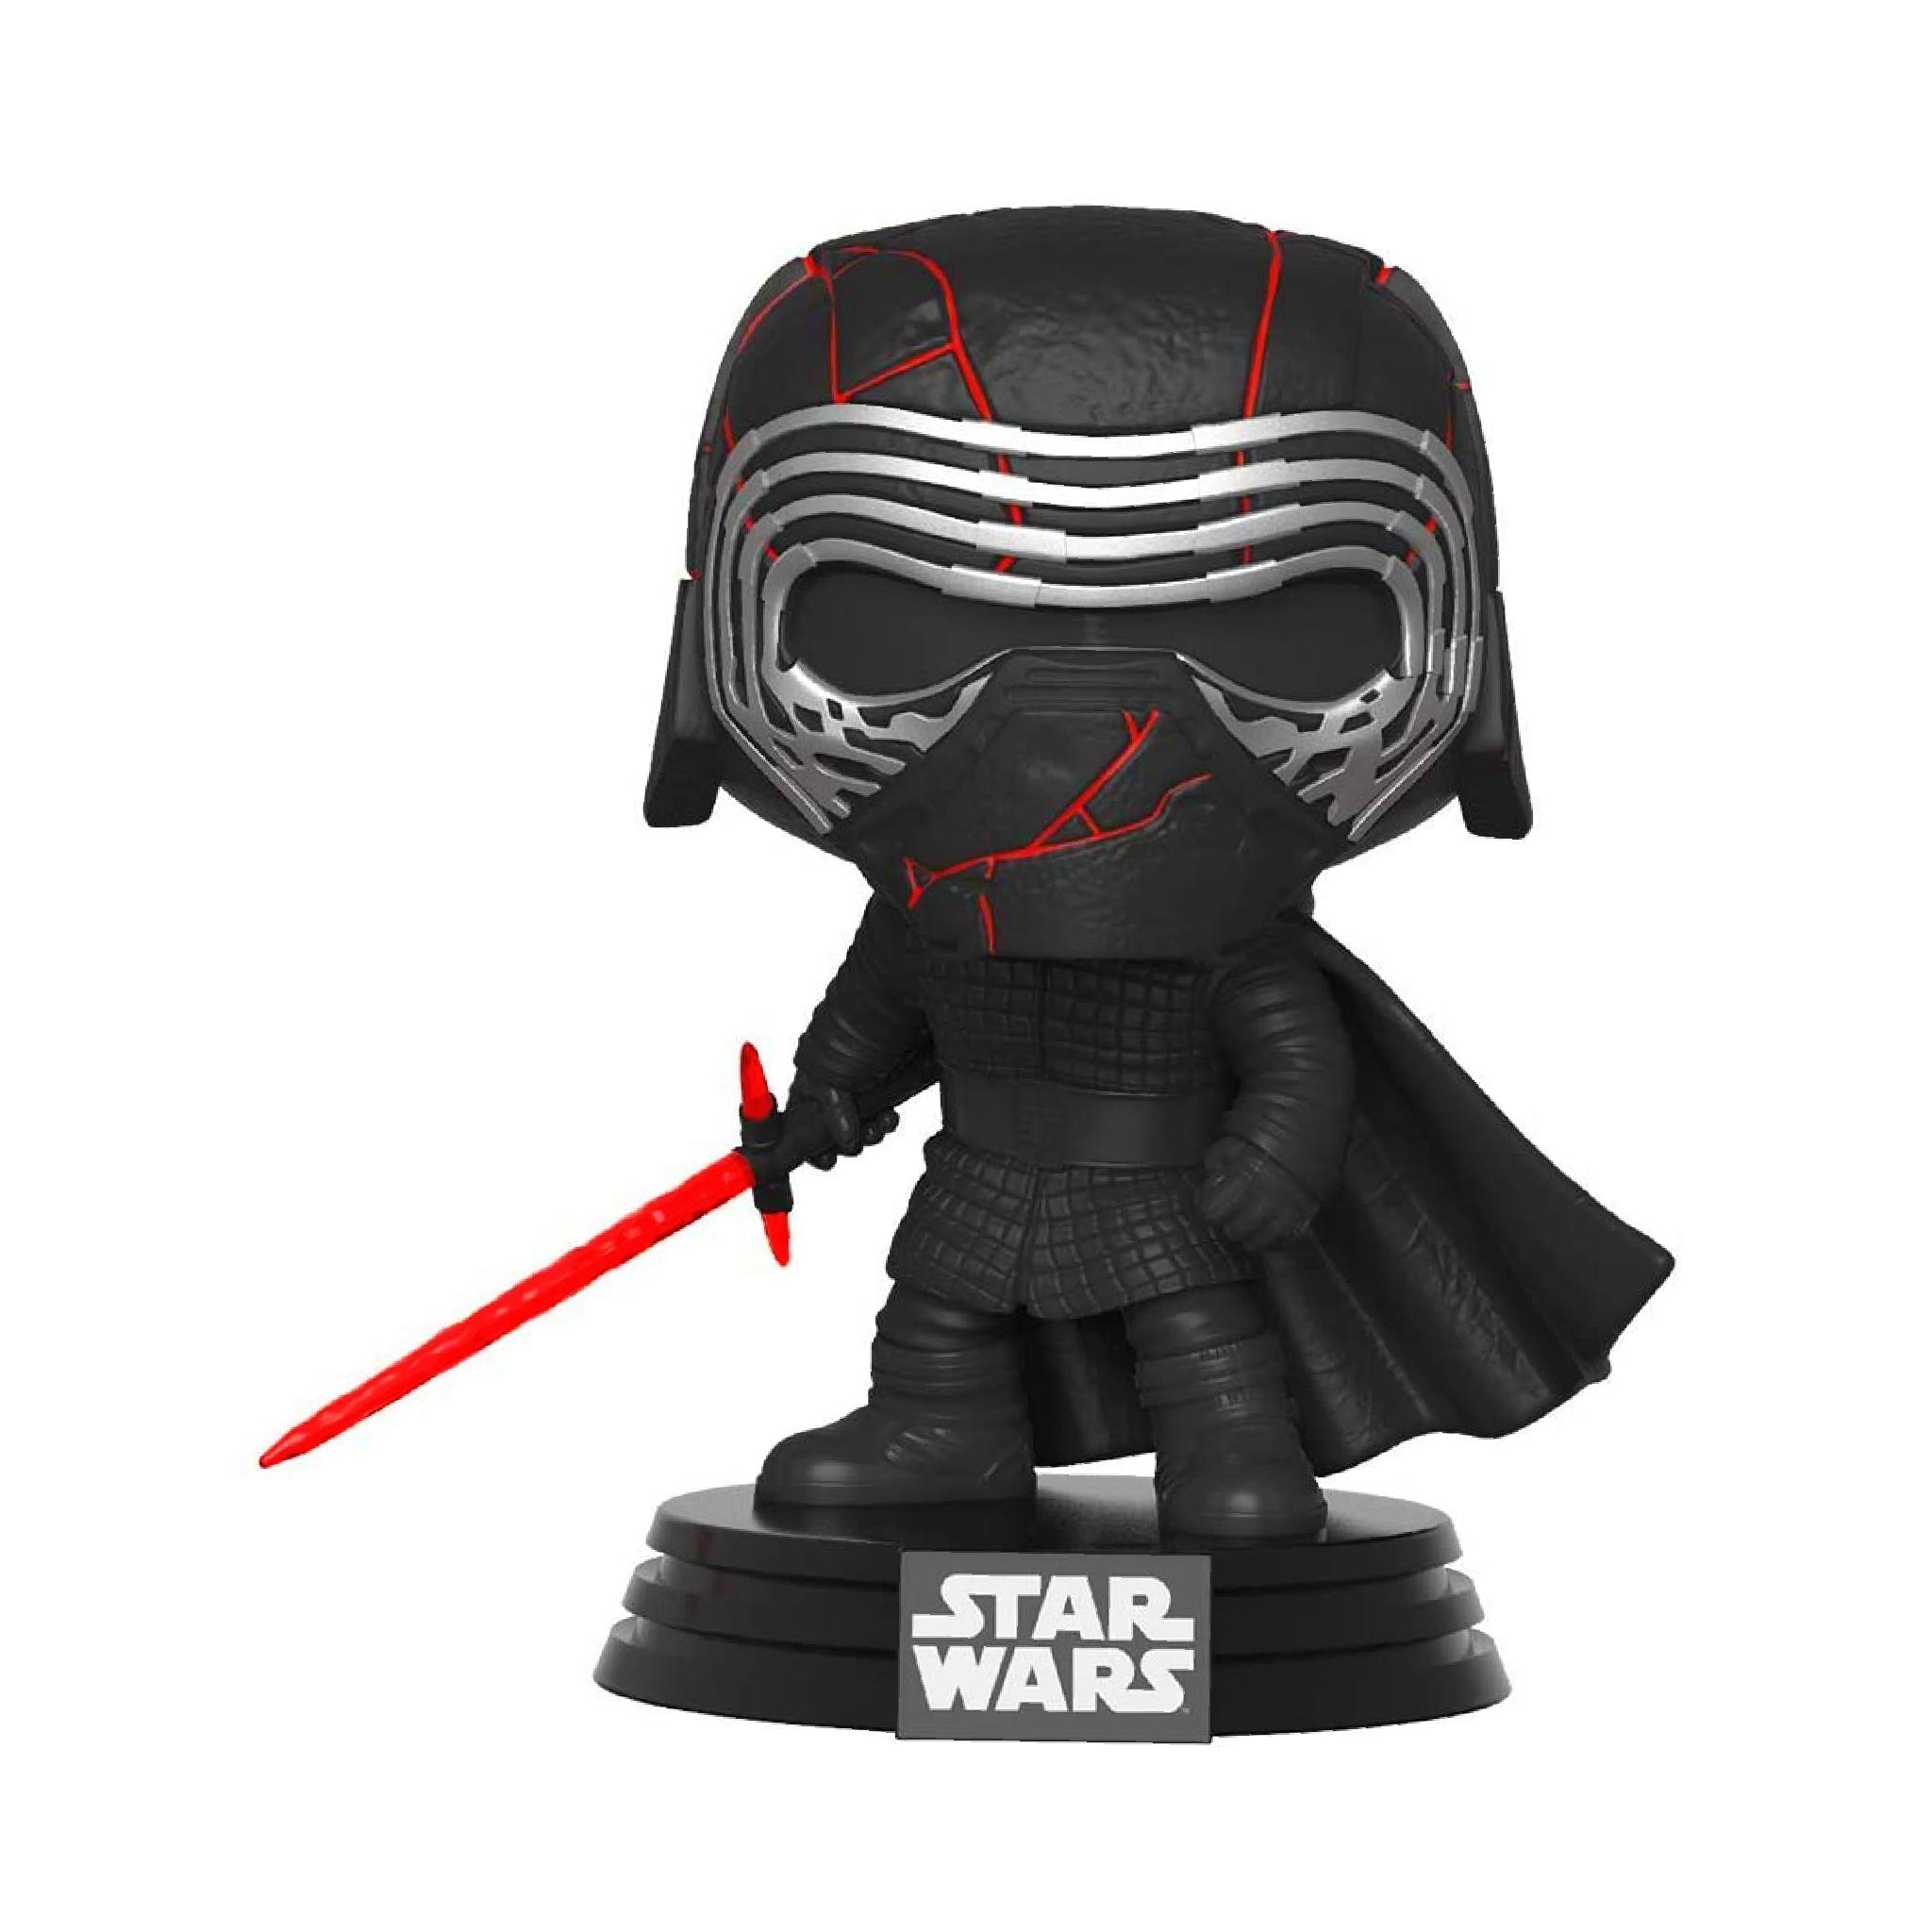 Star Wars Kylo Ren Supreme Leader Action Figure - Star Wars gadget